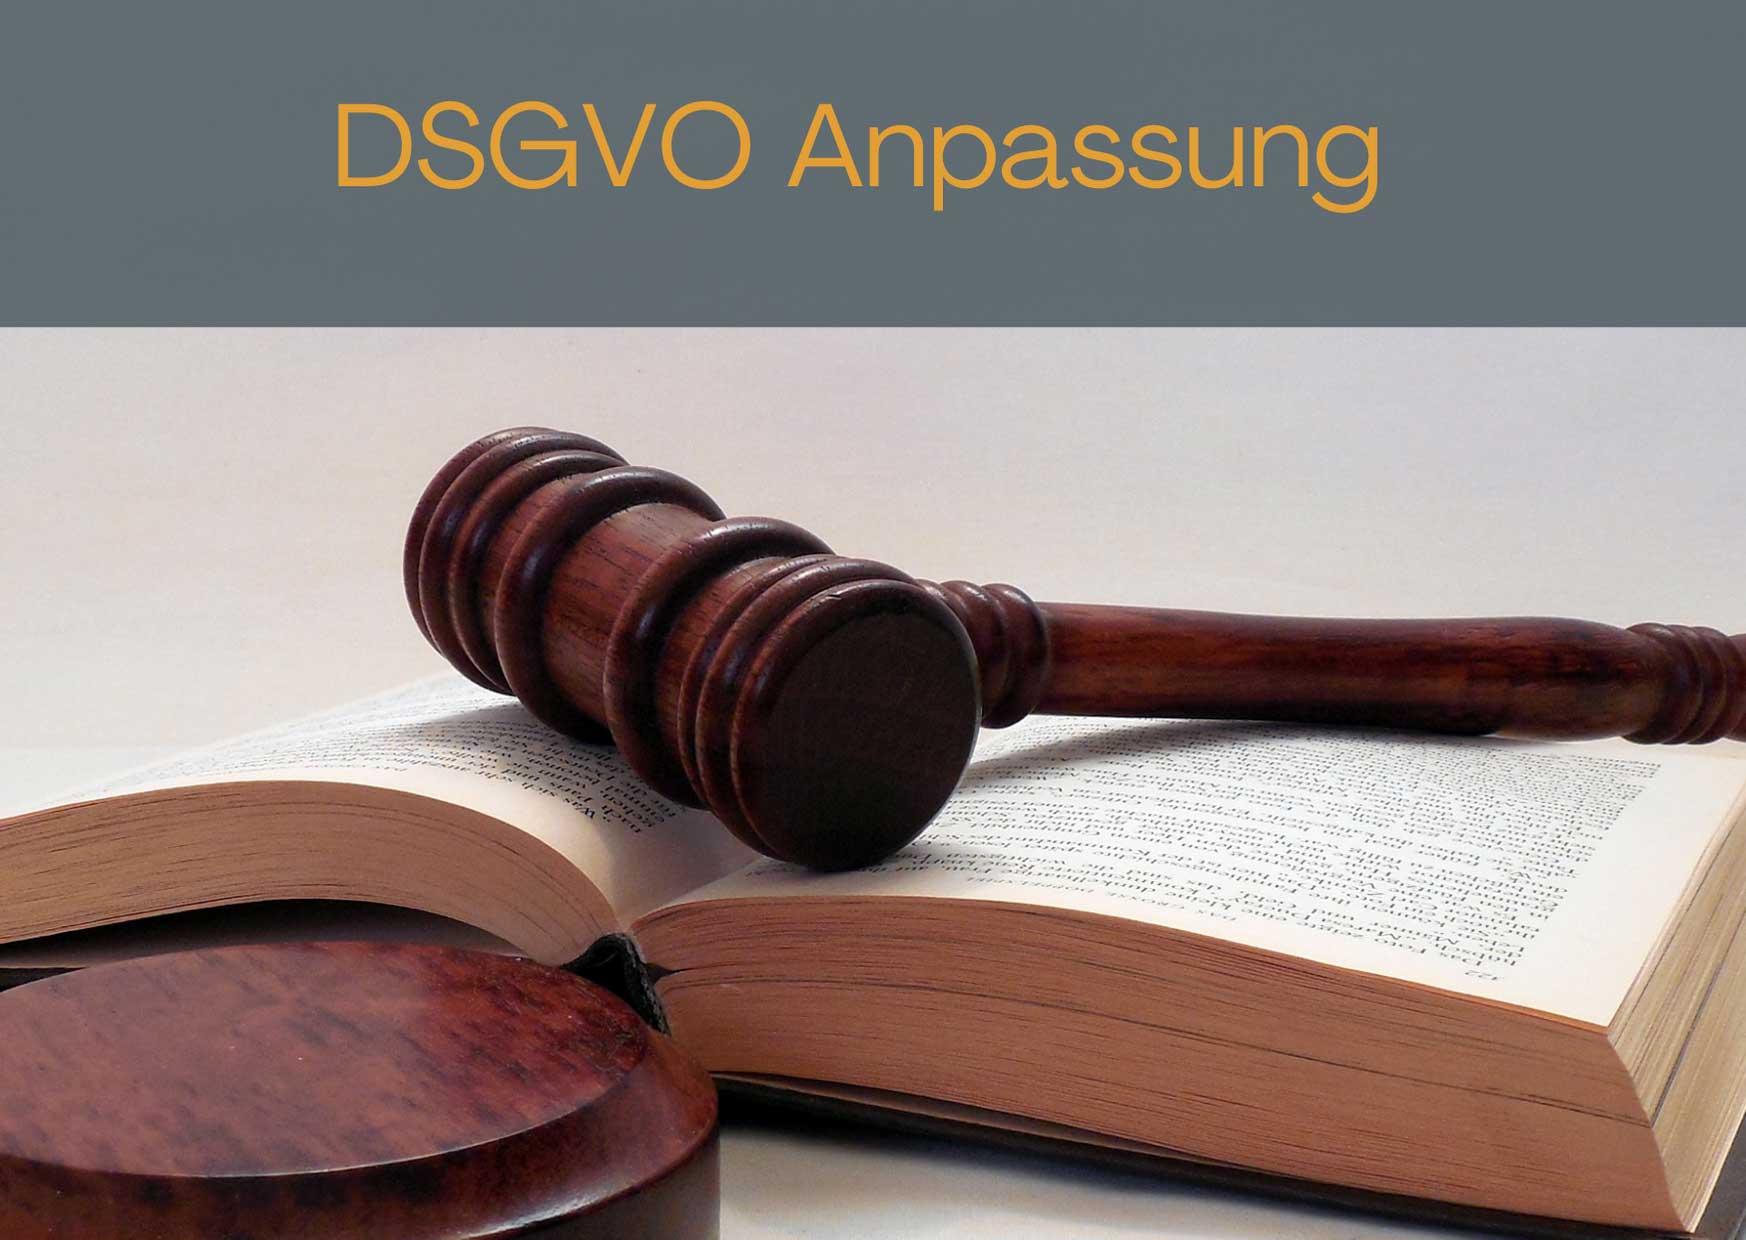 DSGVO_Produktbild